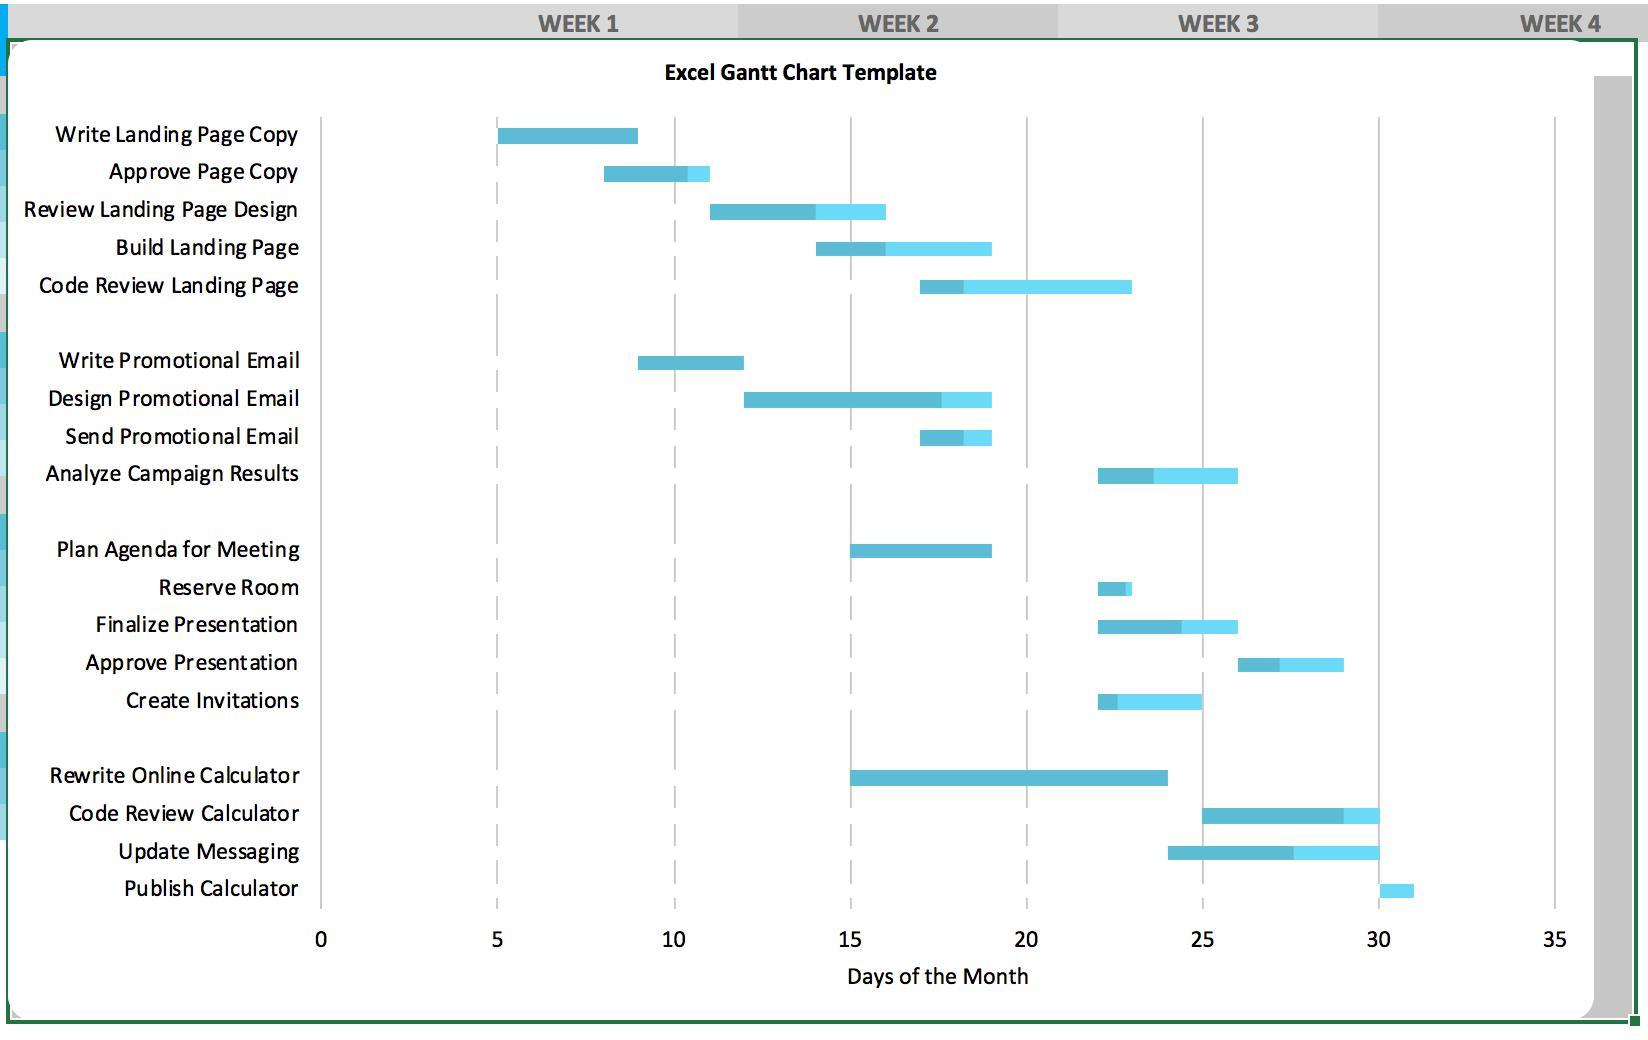 Gantt Chart Template Excel Xls